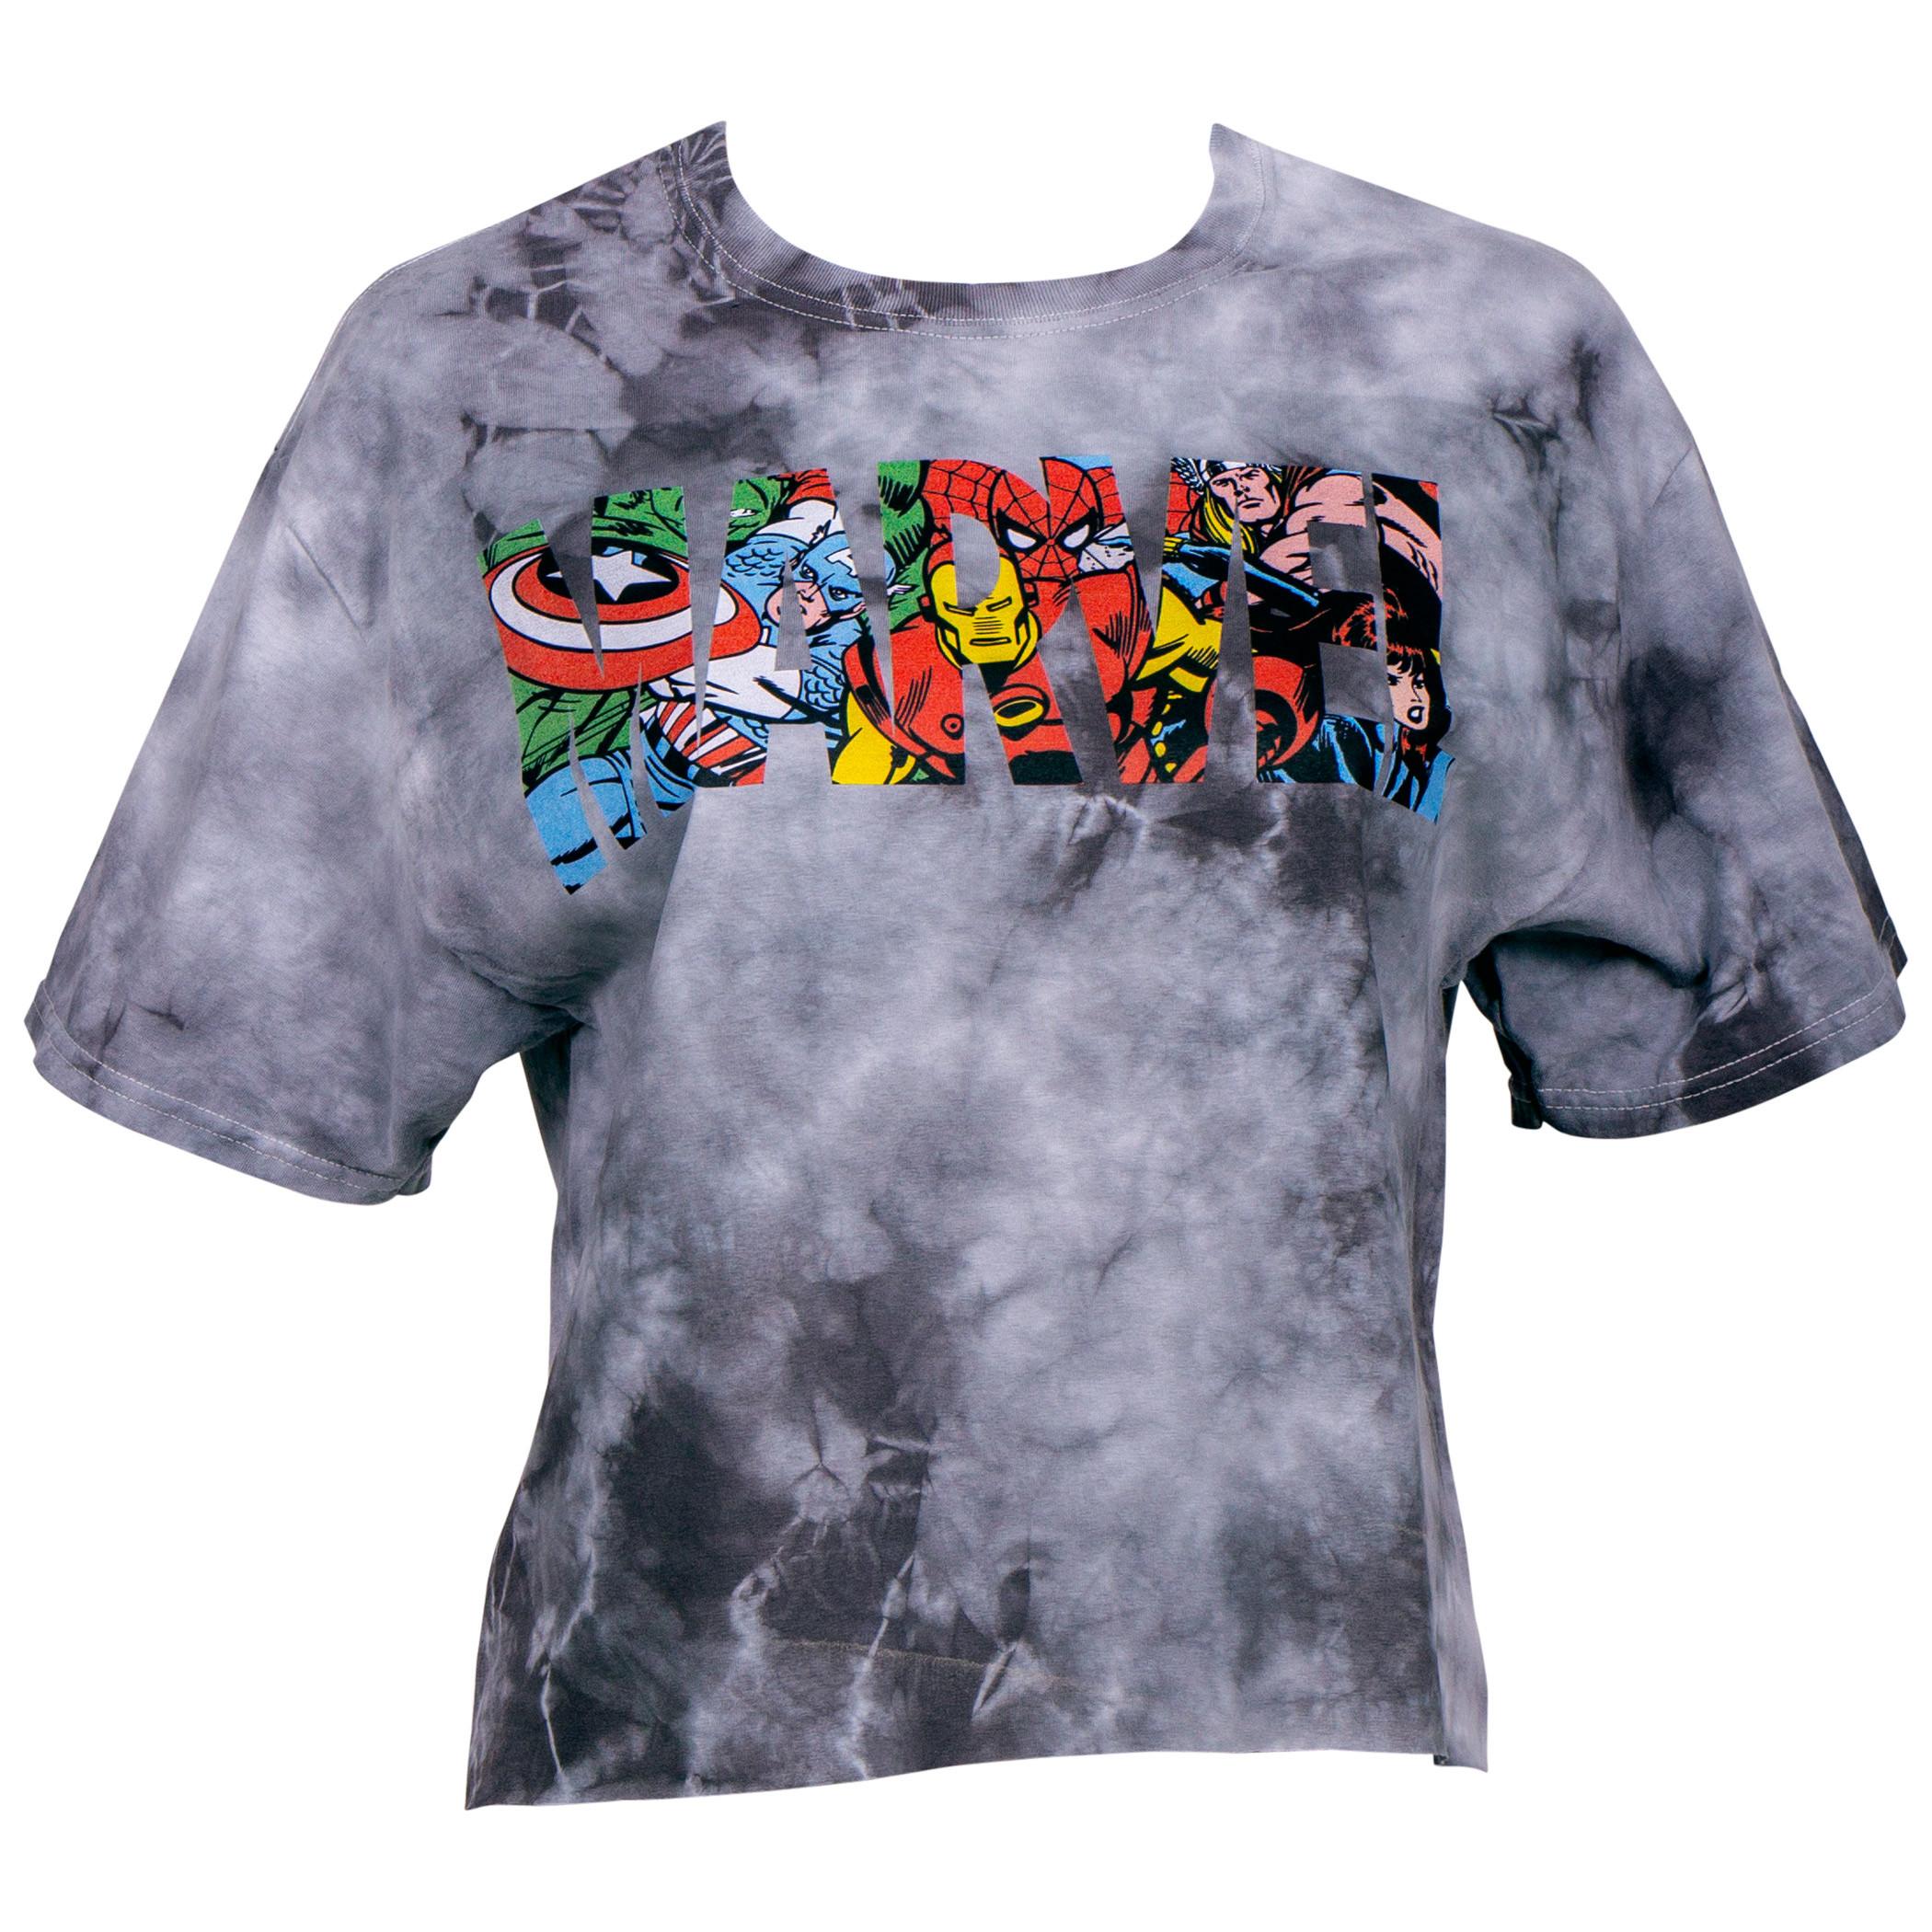 Marvel Heroes in Text Women's Crop Top Shirt